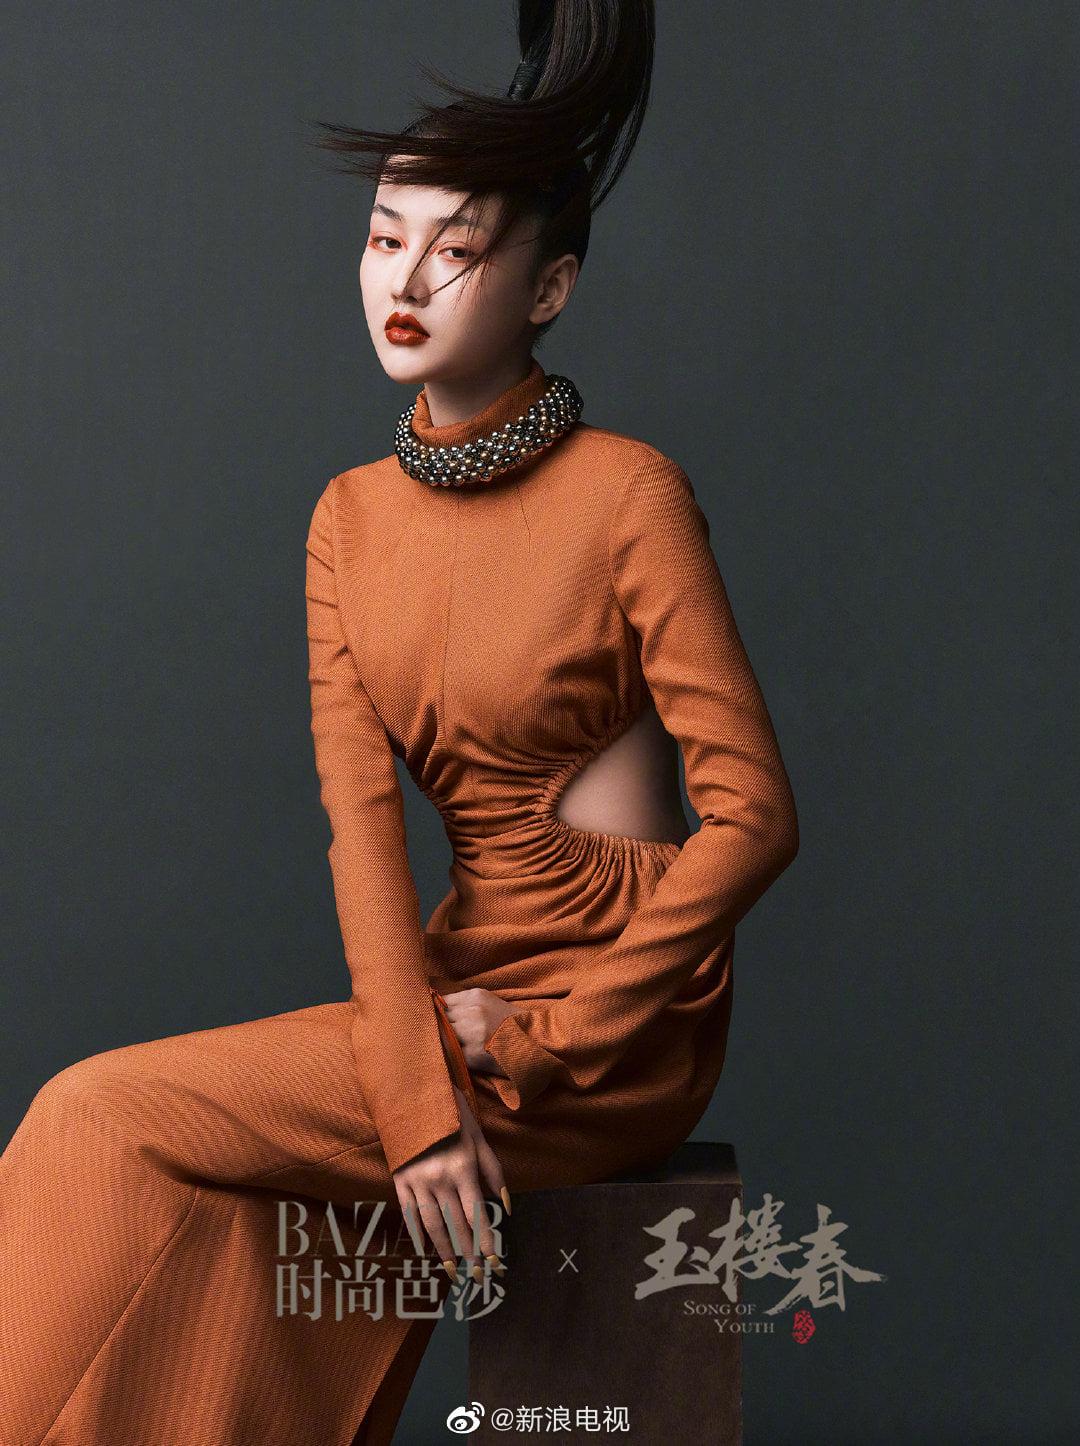 Dàn mỹ nhân Ngọc Lâu Xuân đại chiến tạp chí Bazaar 5